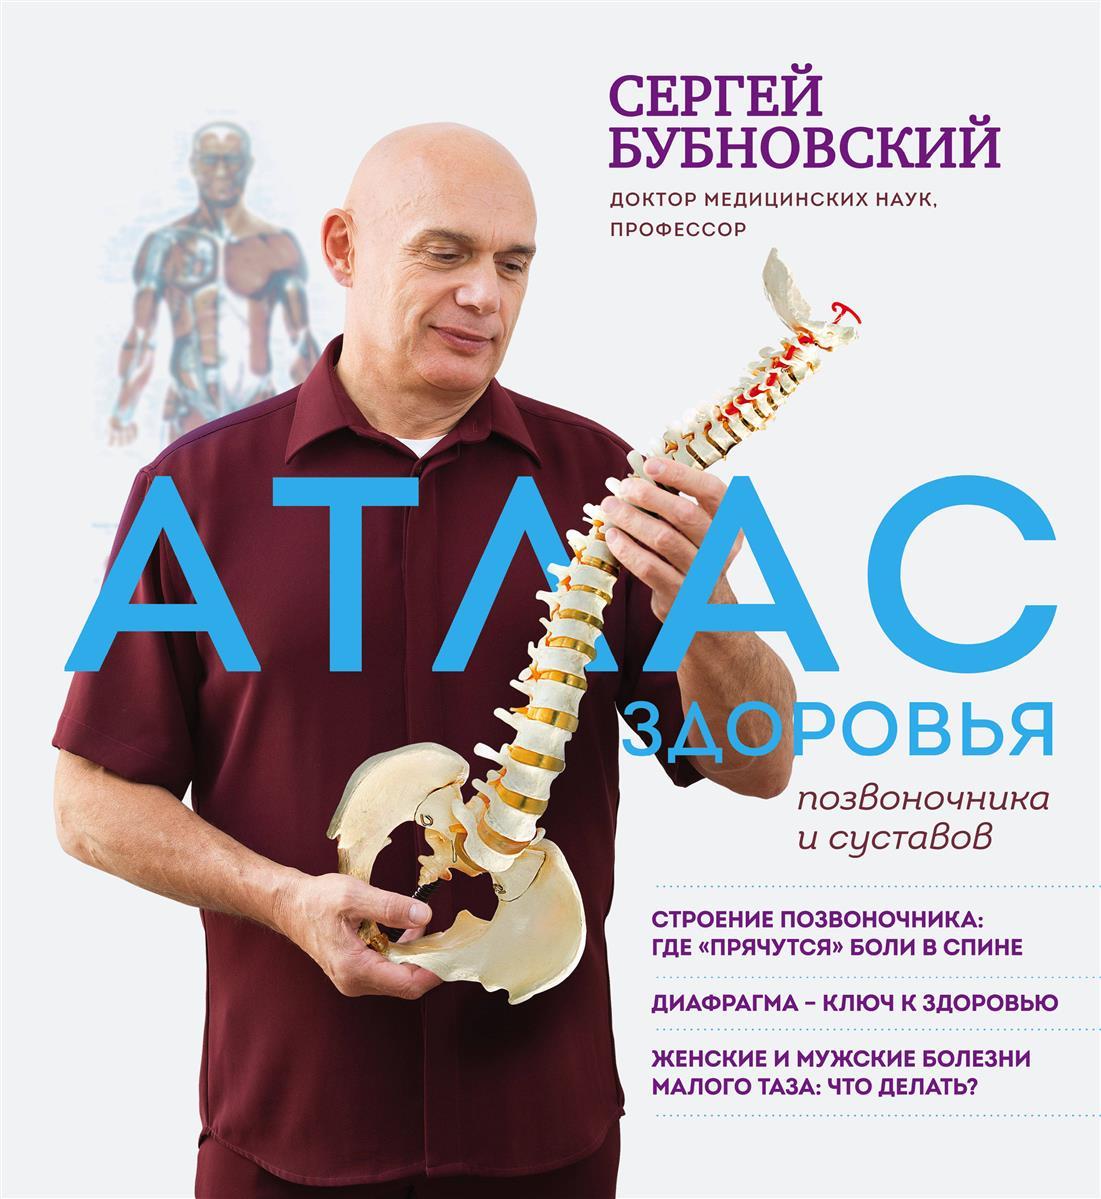 Бубновский С. Атлас здоровья позвоночника и суставов кузнецов и лечение позвоночника и суставов